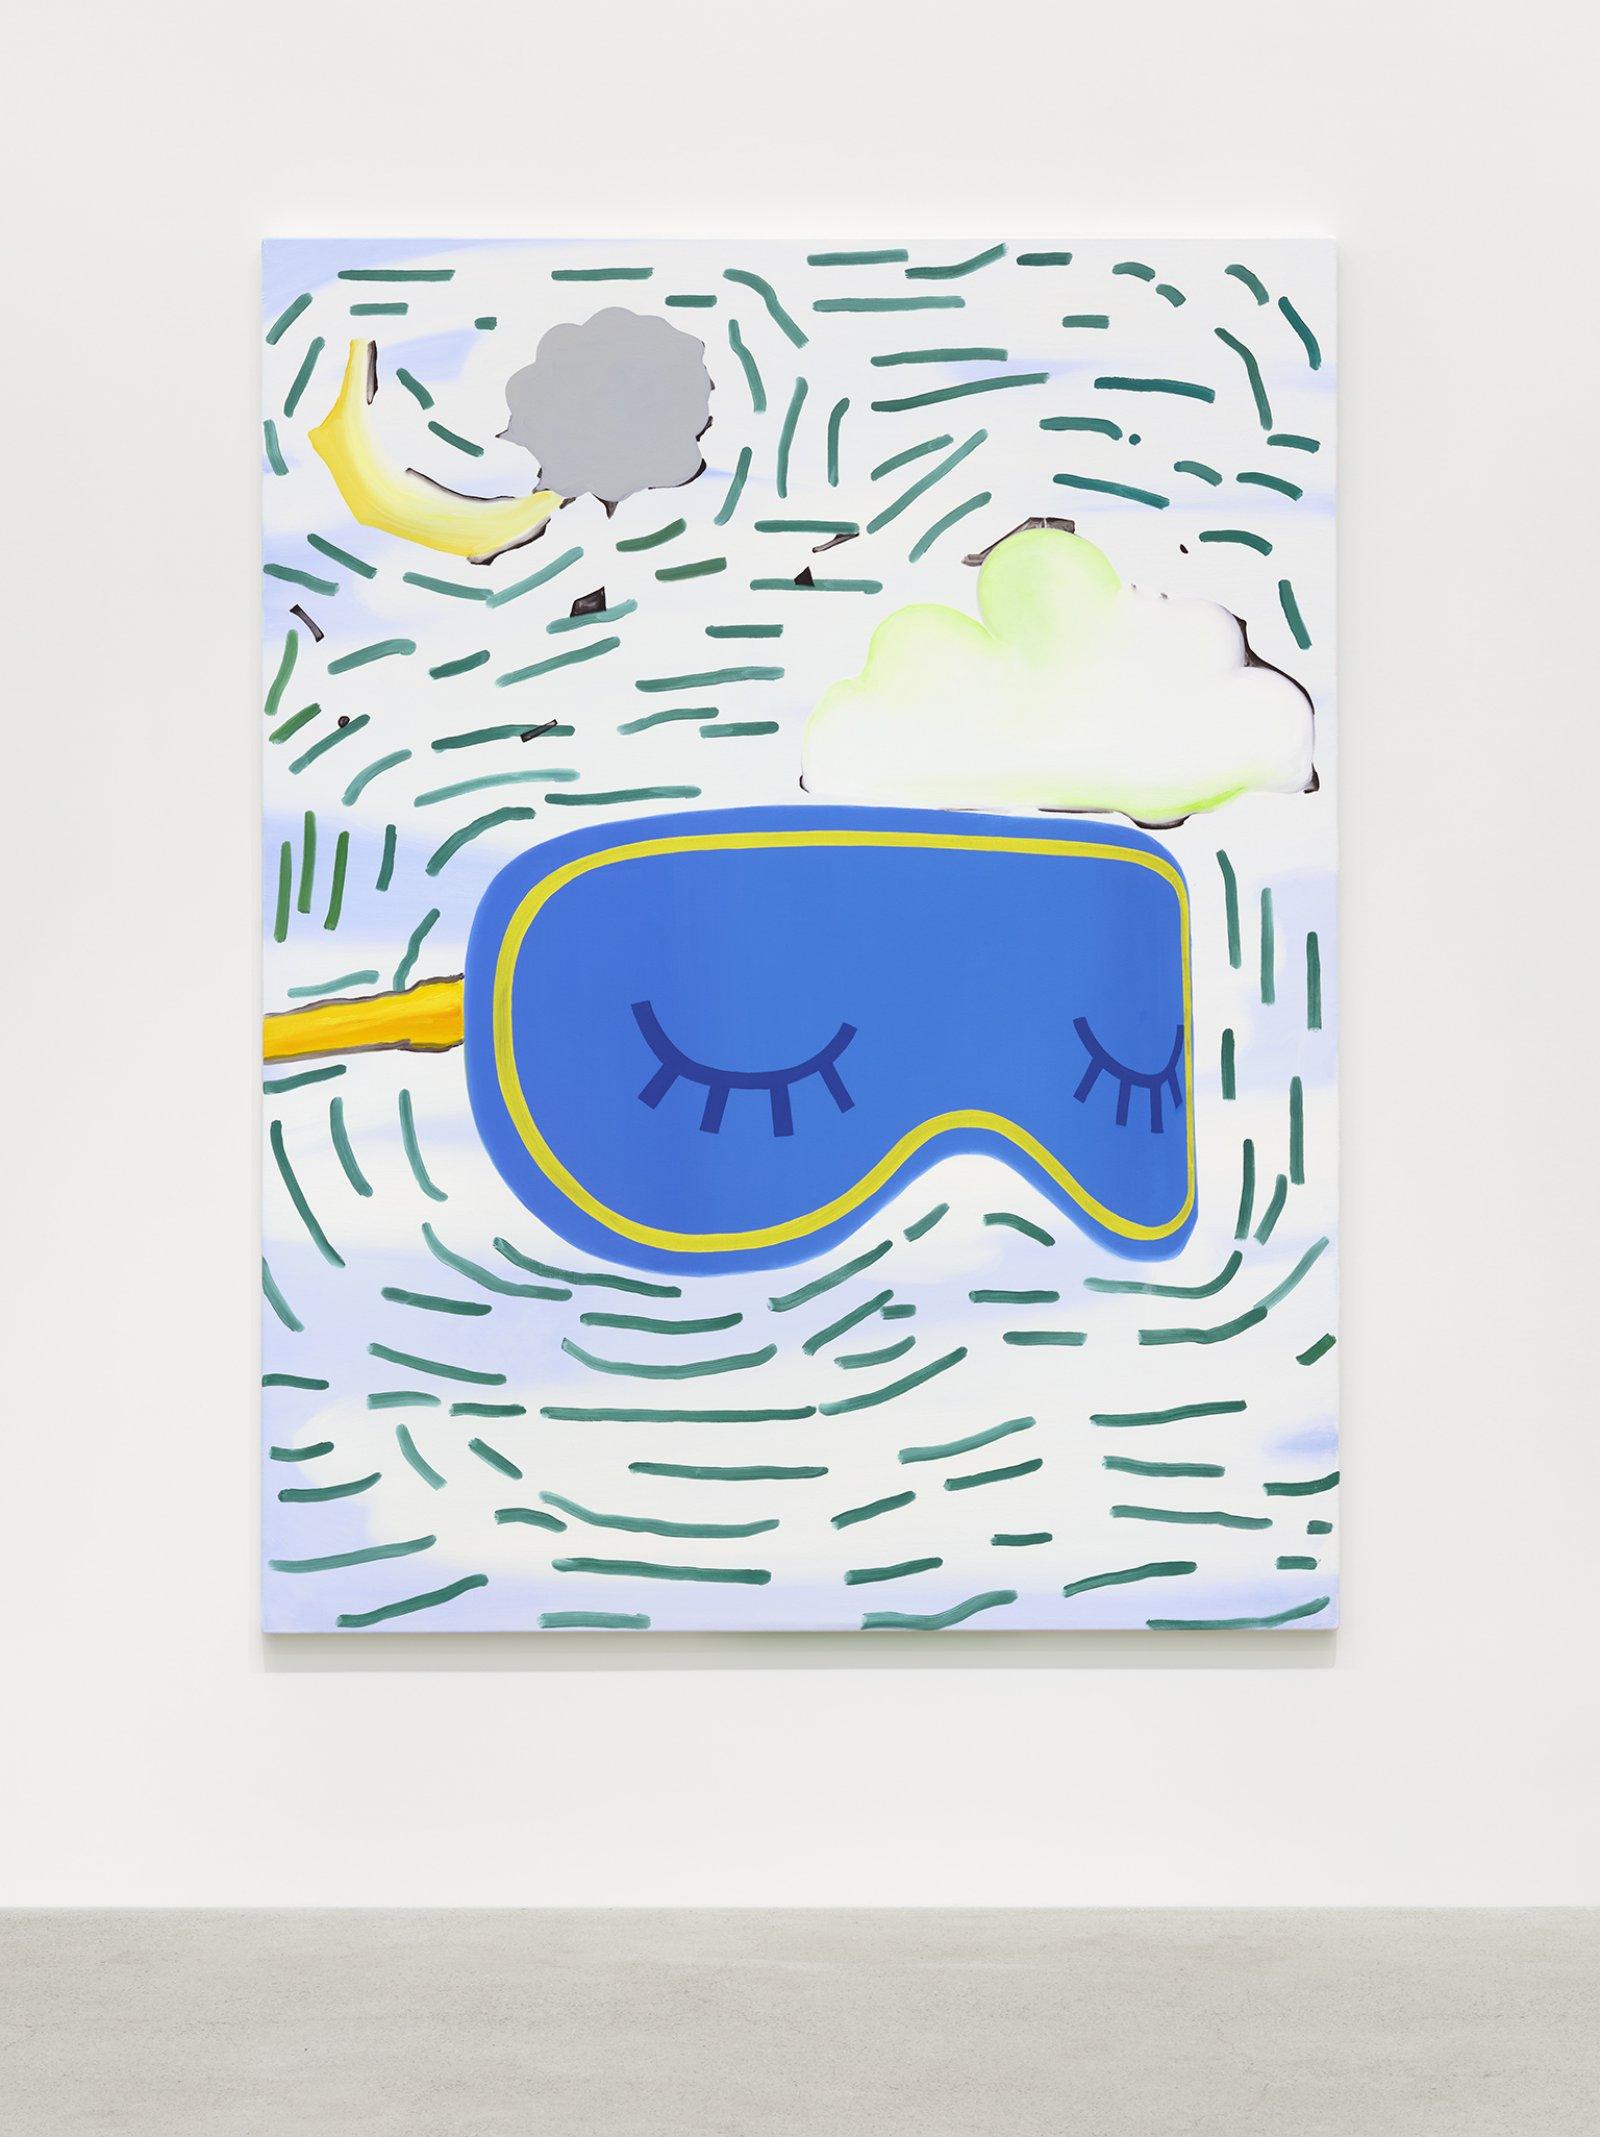 Elizabeth McIntosh, Blue Light, 2020, oil on canvas, 66 x 51 in. (168 x 130 cm) by Elizabeth McIntosh